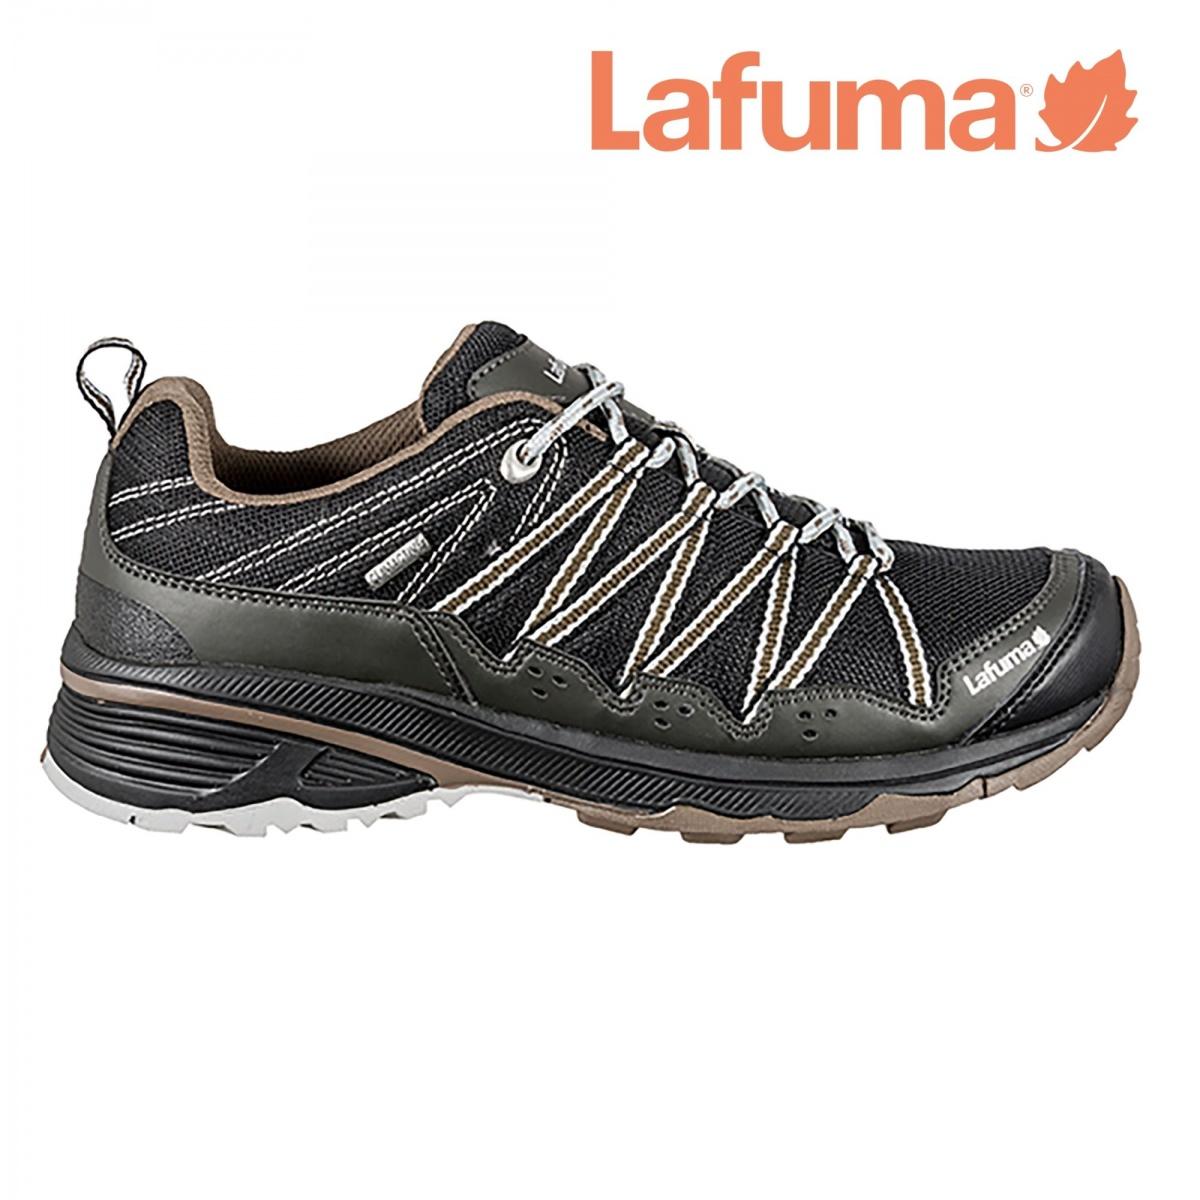 Lafuma Track Climactive M pánská treková obuv black marmont empty 098fca83cb